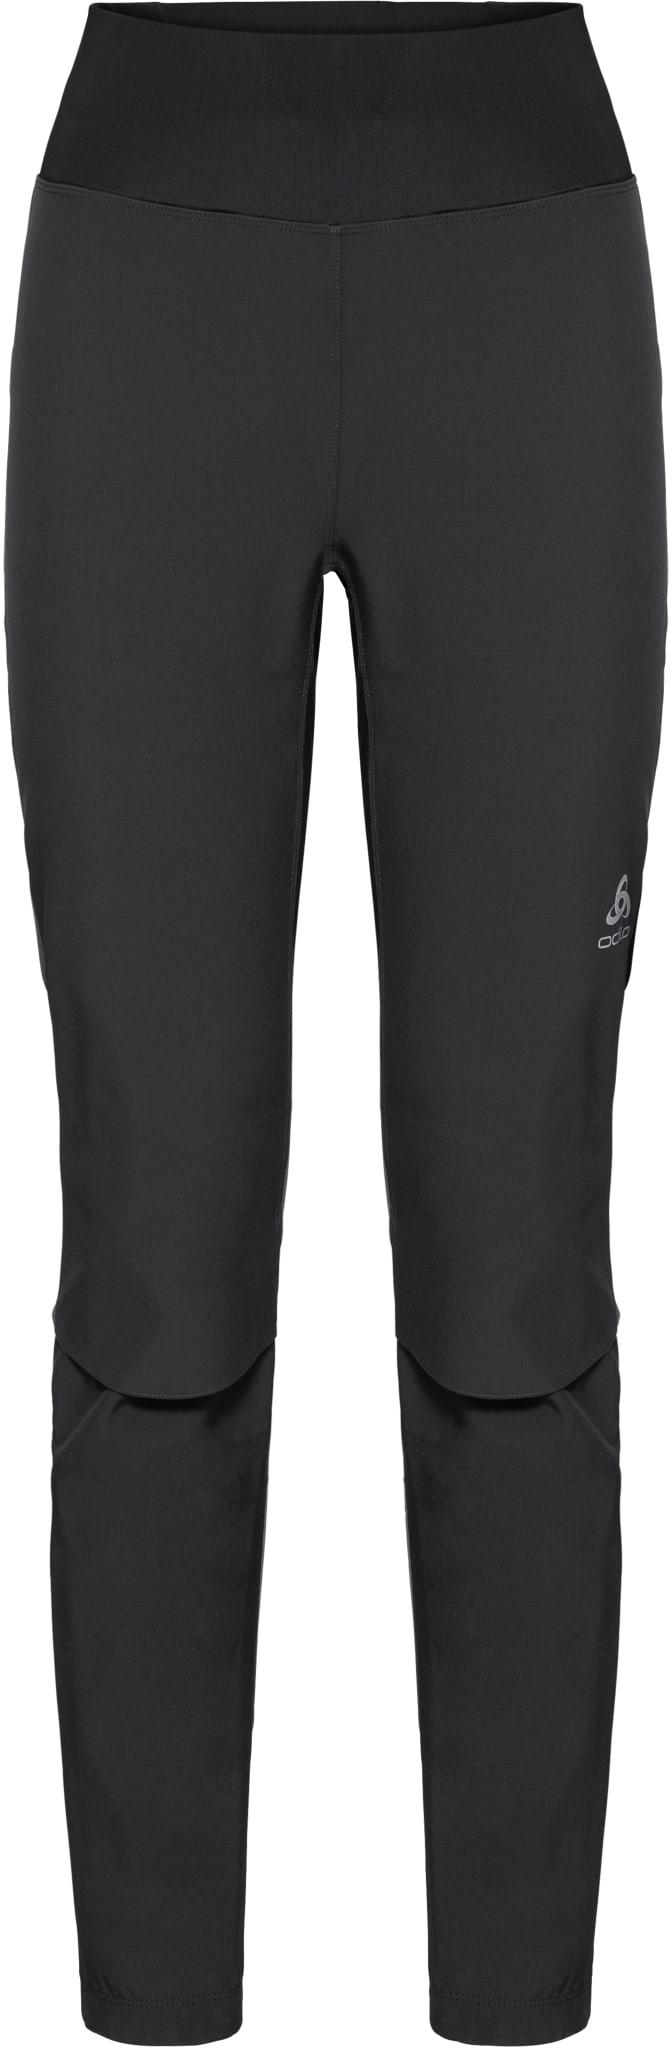 Aeolus Pants W